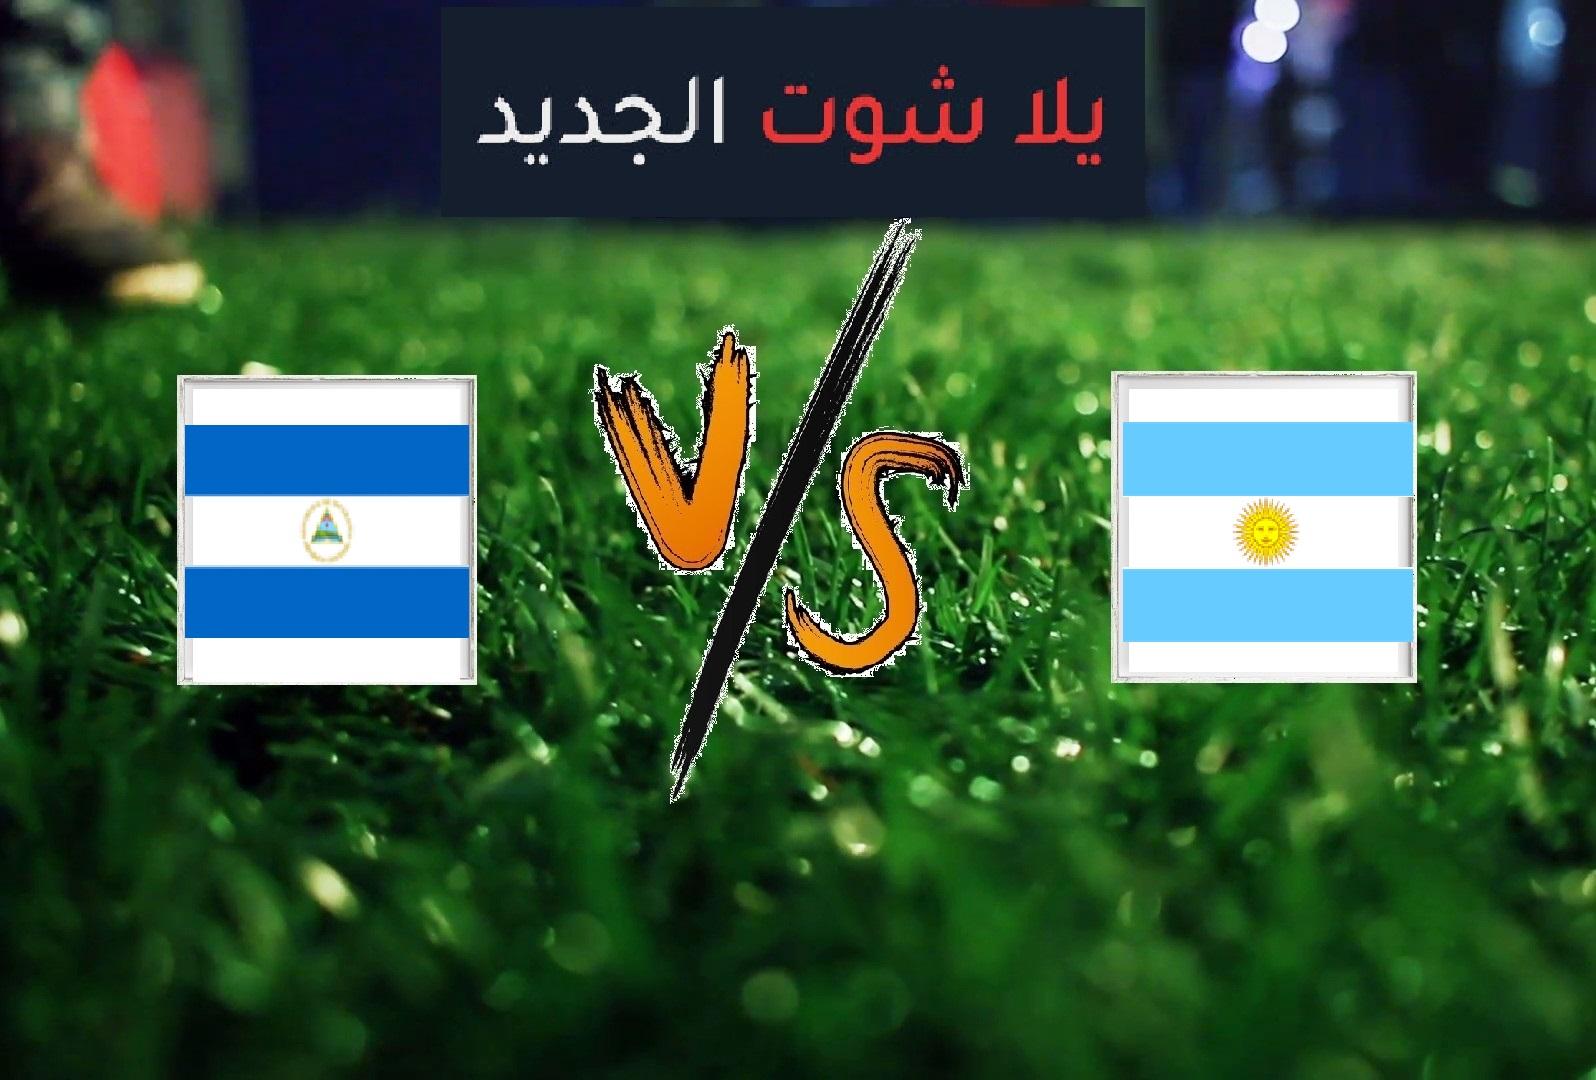 ملخص مباراة الارجنتين ونيكاراغوا اليوم السبت بتاريخ 08-06-2019 مباراة ودية